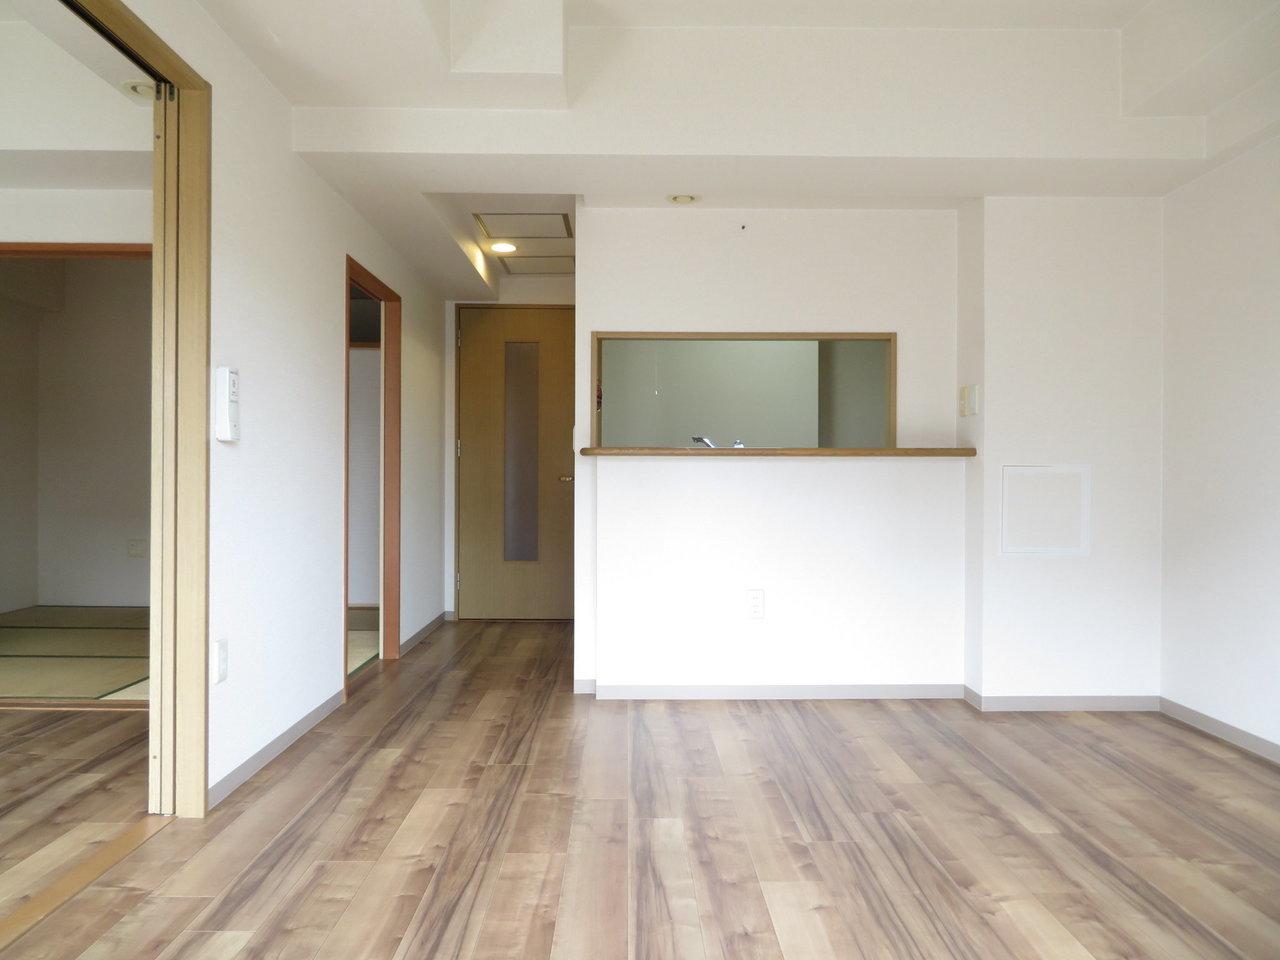 リビングは広々11畳。対面式のキッチン前に、大きなダイニングテーブルを置いて家族で過ごす場所にしましょう。